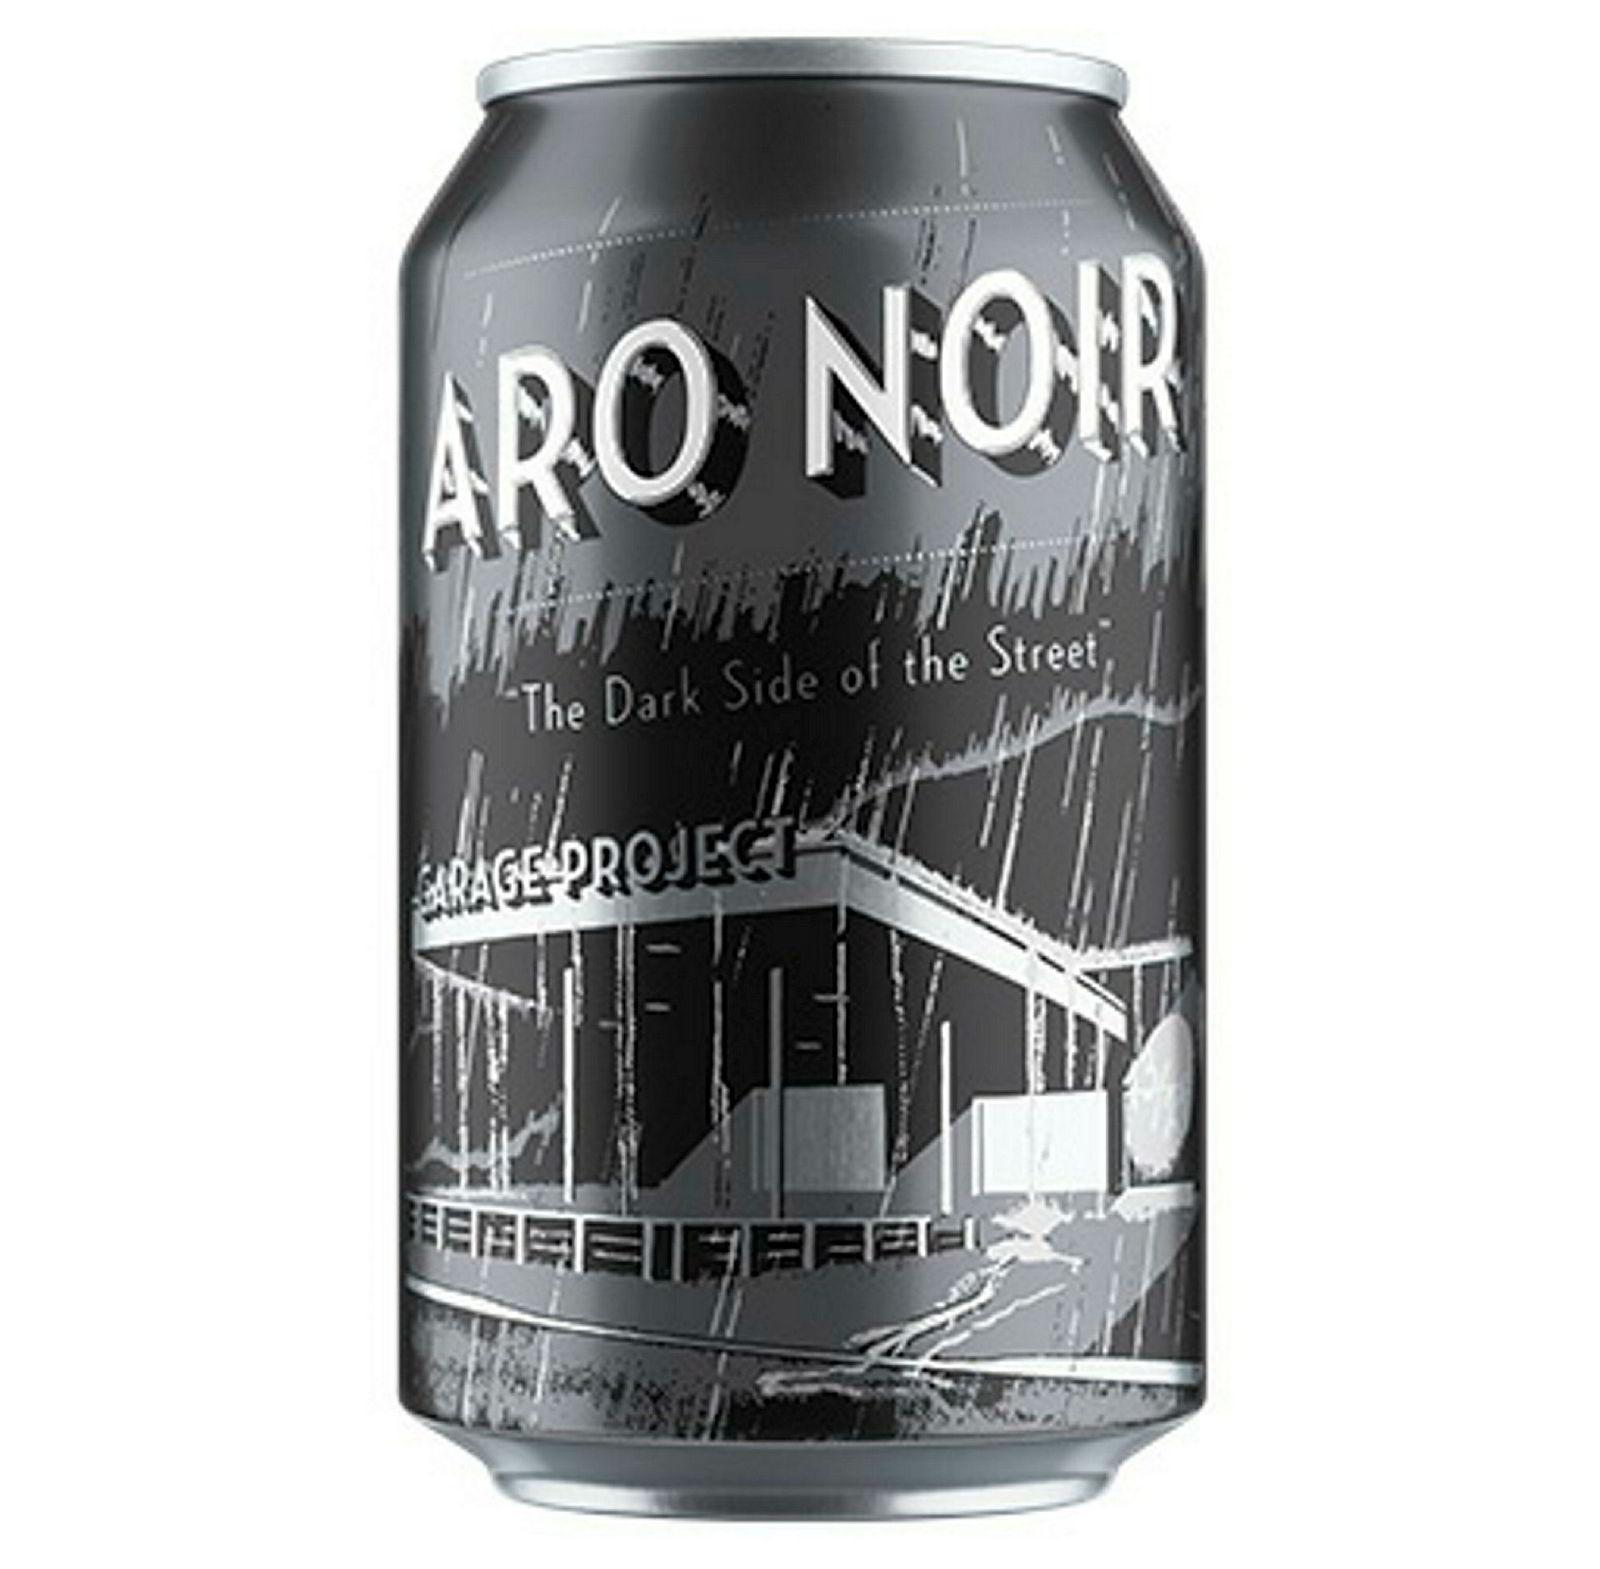 EKSPLOSIV: Systembolaget i Sverige ber kunder levere denne ølen tilbake til utsalgssted.